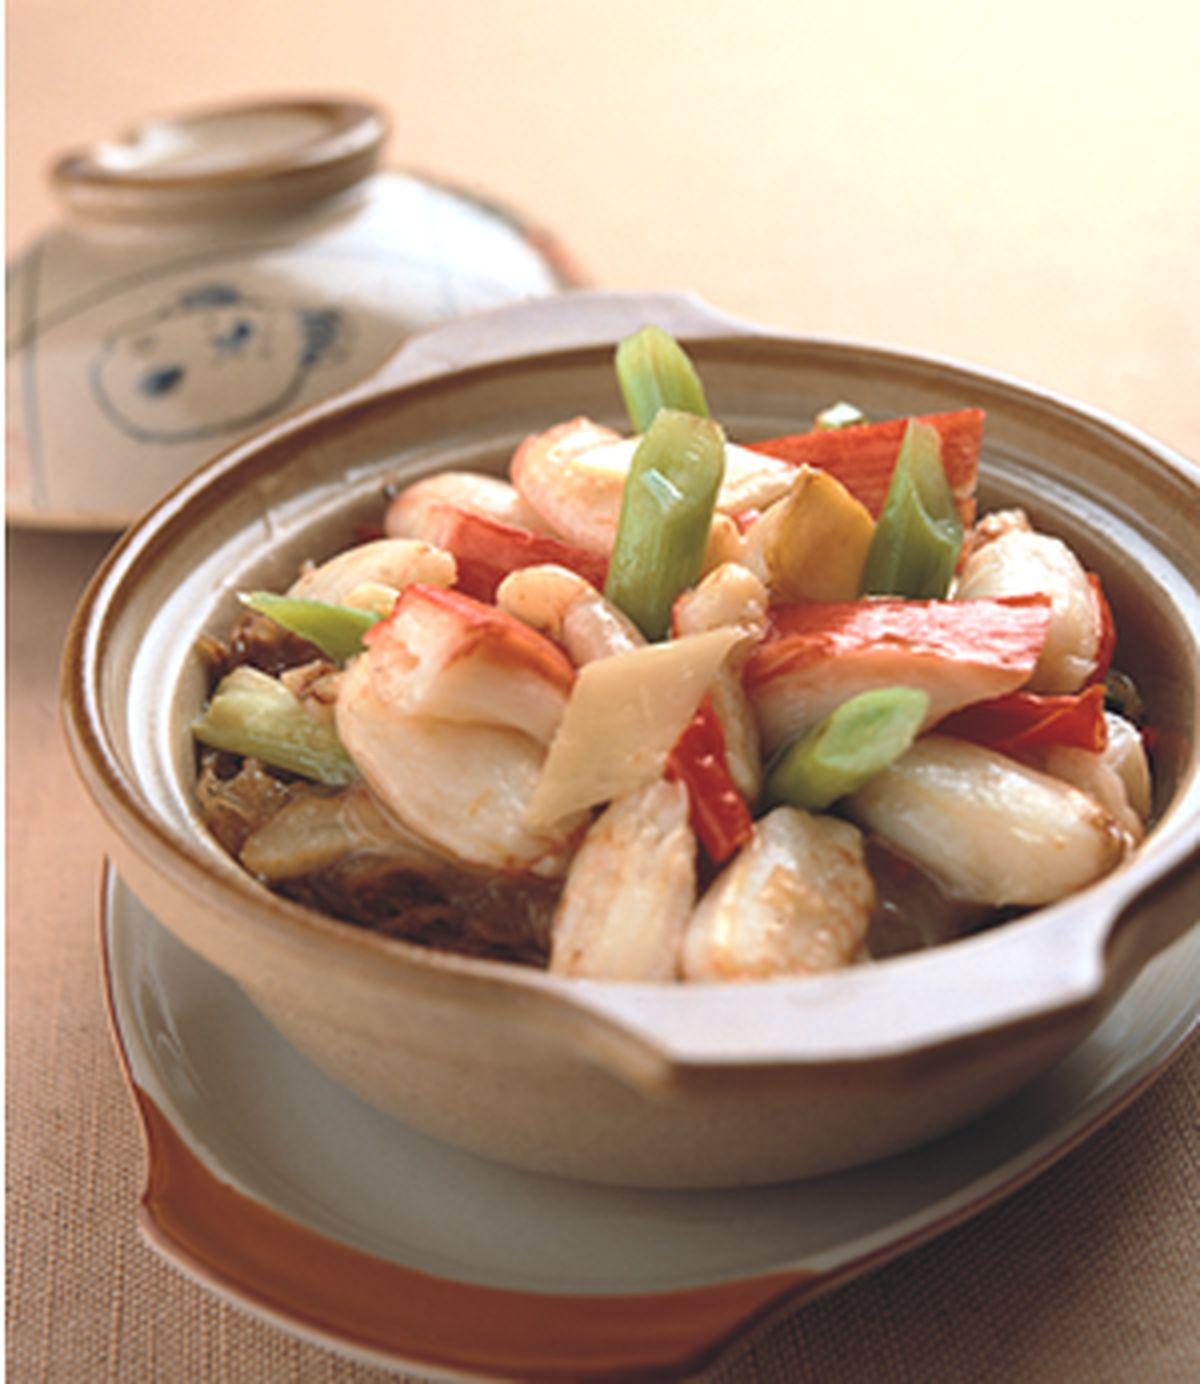 食譜:蟹柳粉絲煲